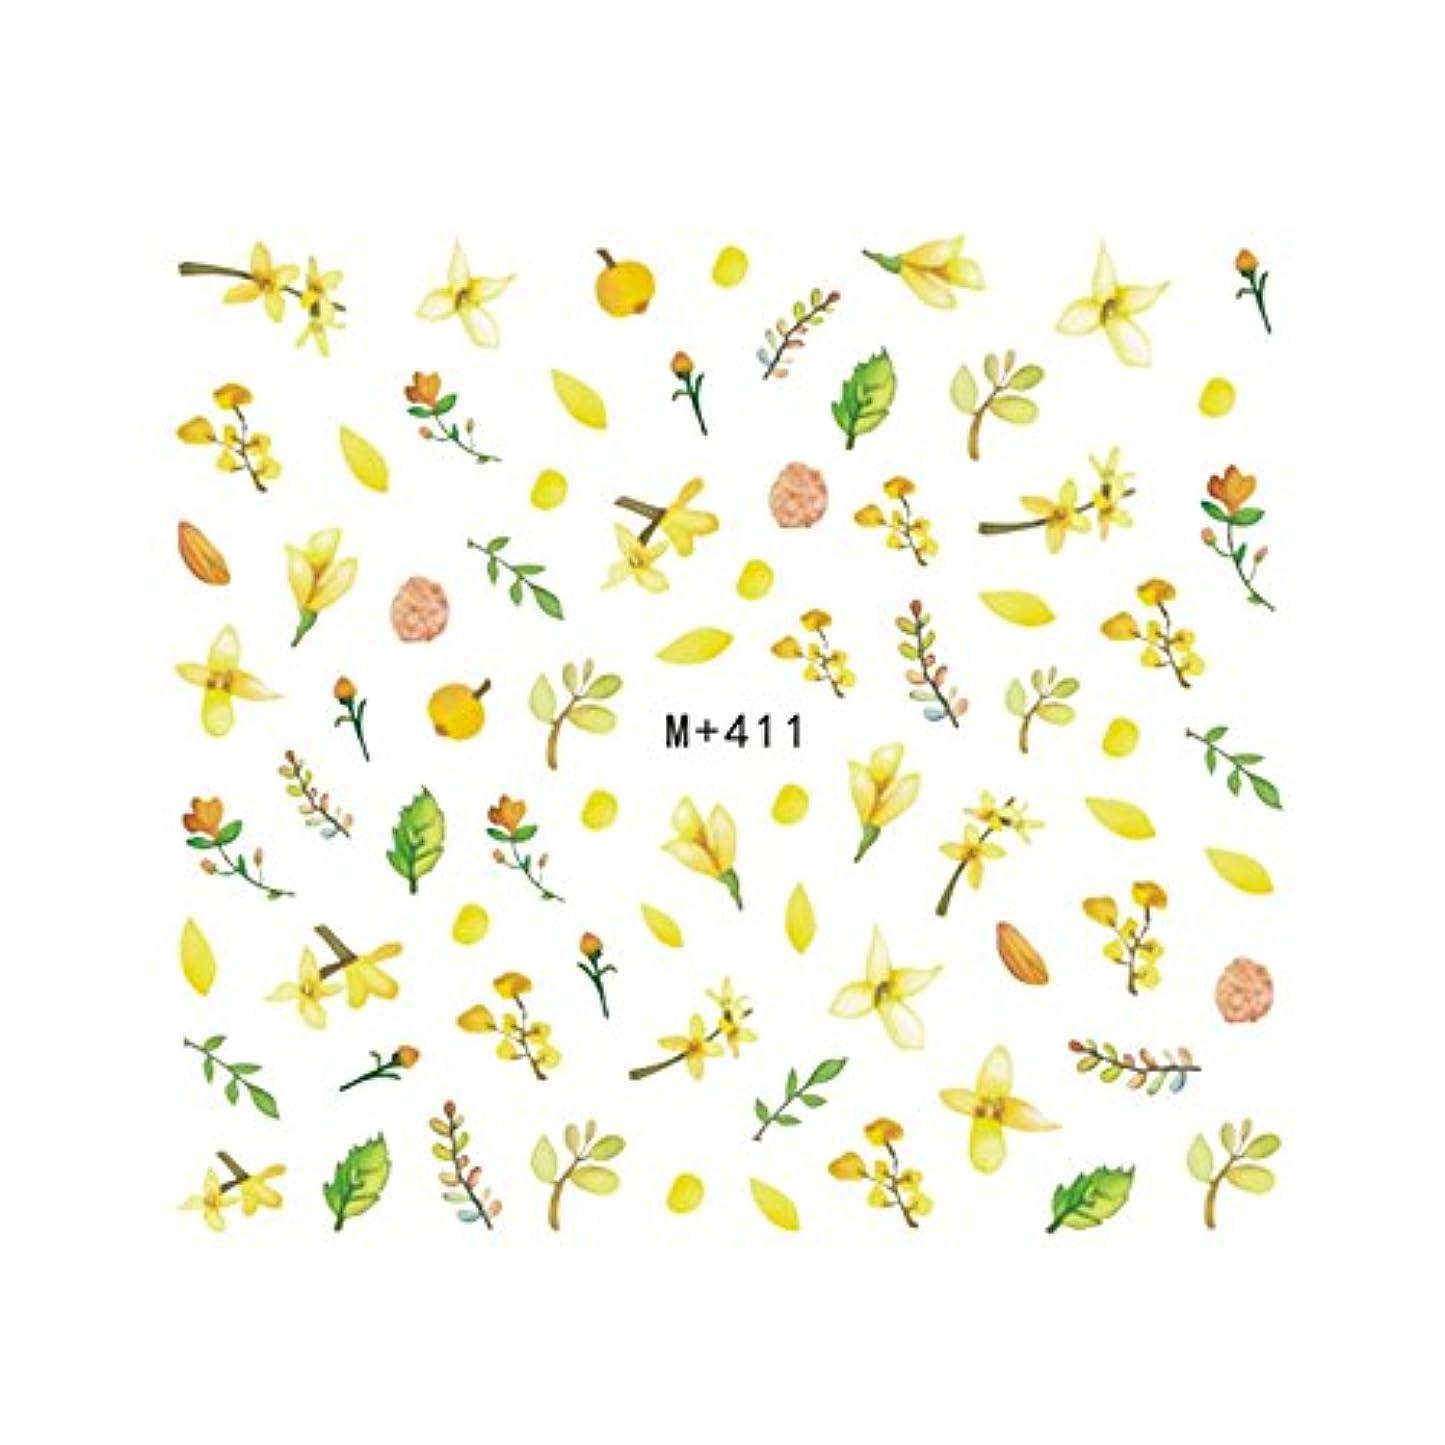 イチョウネイルシール【M+411】 イチョウ 銀杏 フラワー 小花柄 イエロー ウォーターネイルシール ジェルネイル ネイルシール